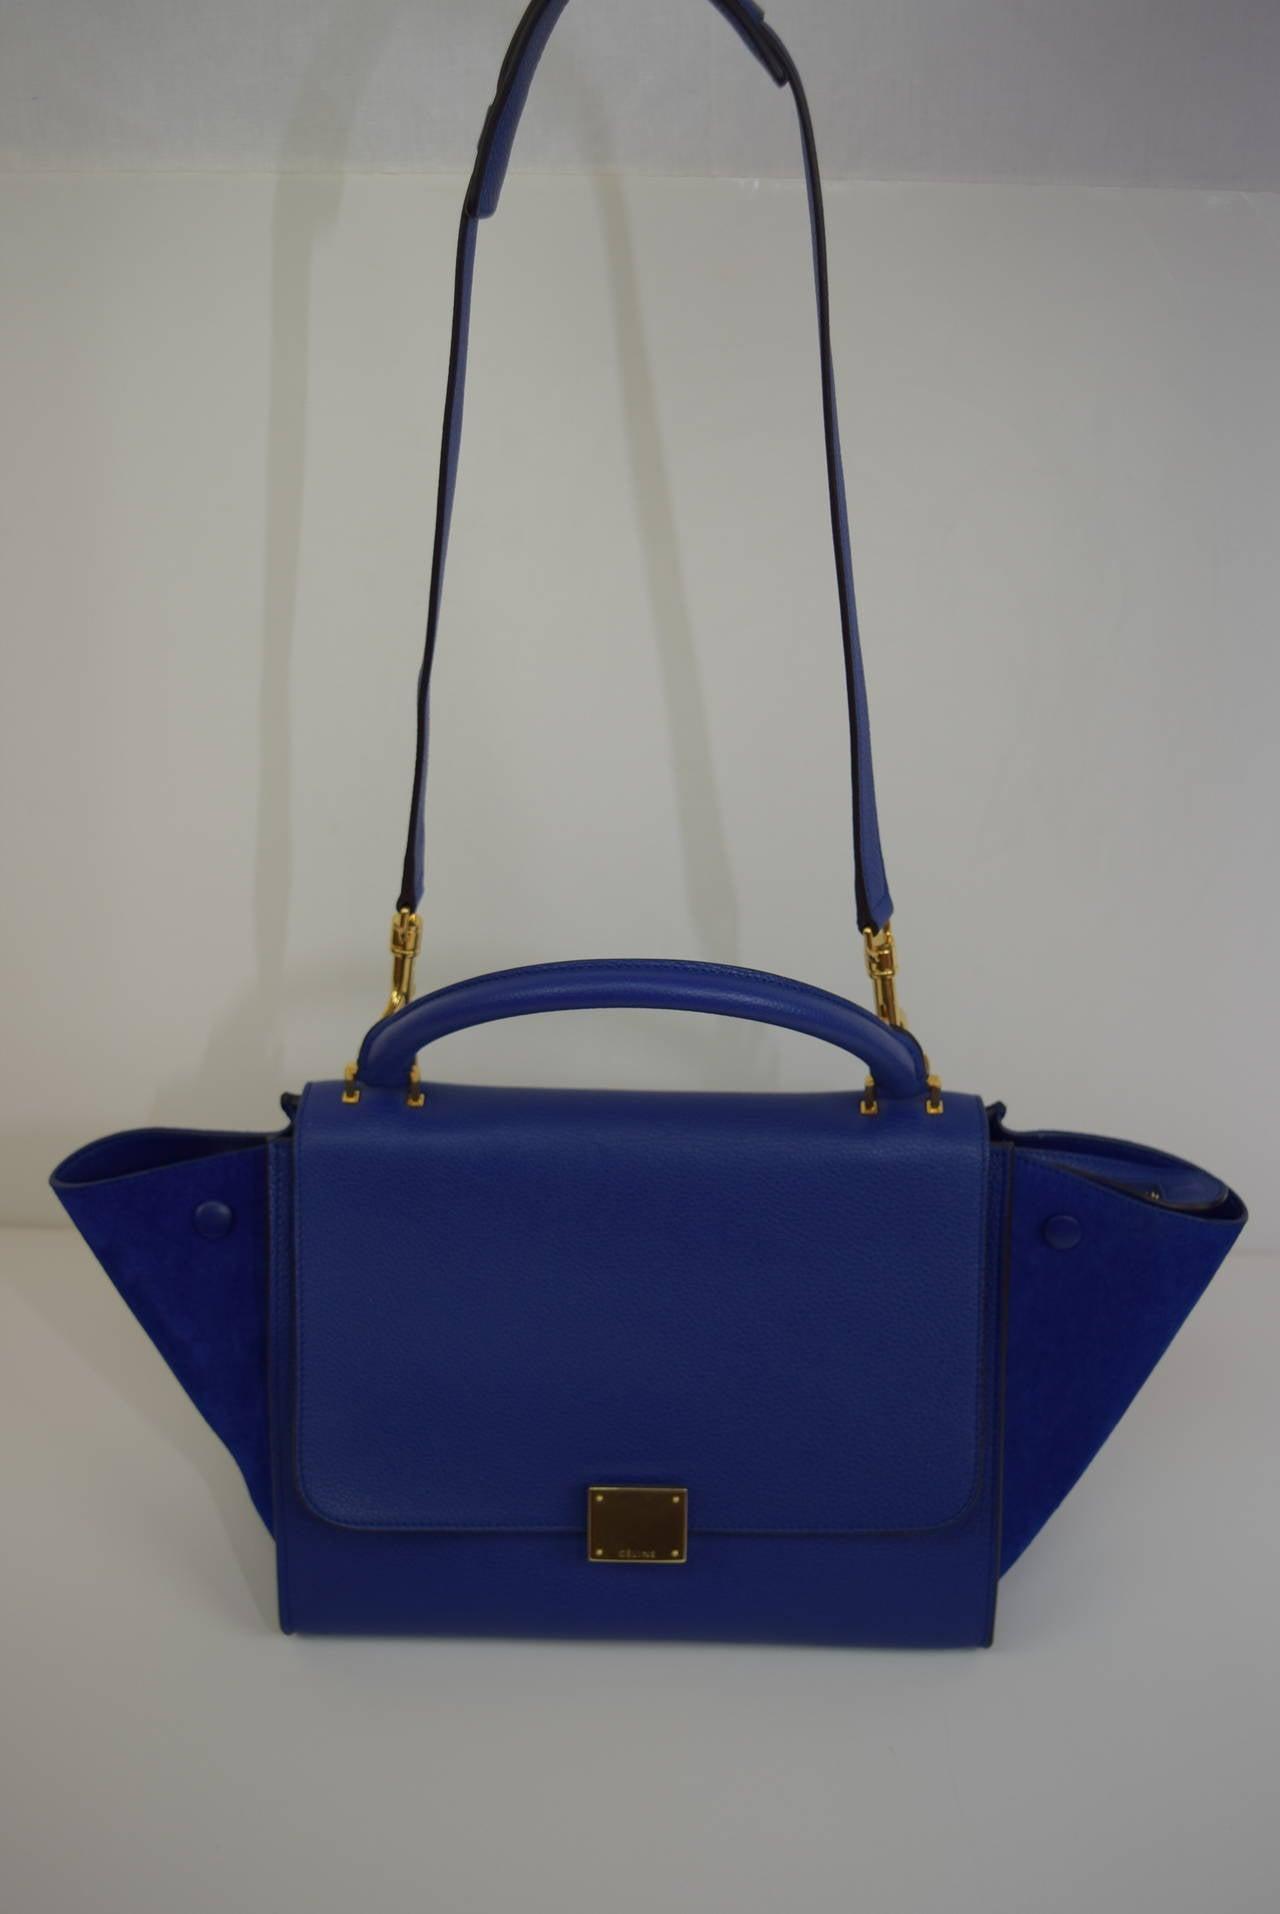 celine bag burgundy - celine blue suede bag, faux celine handbags